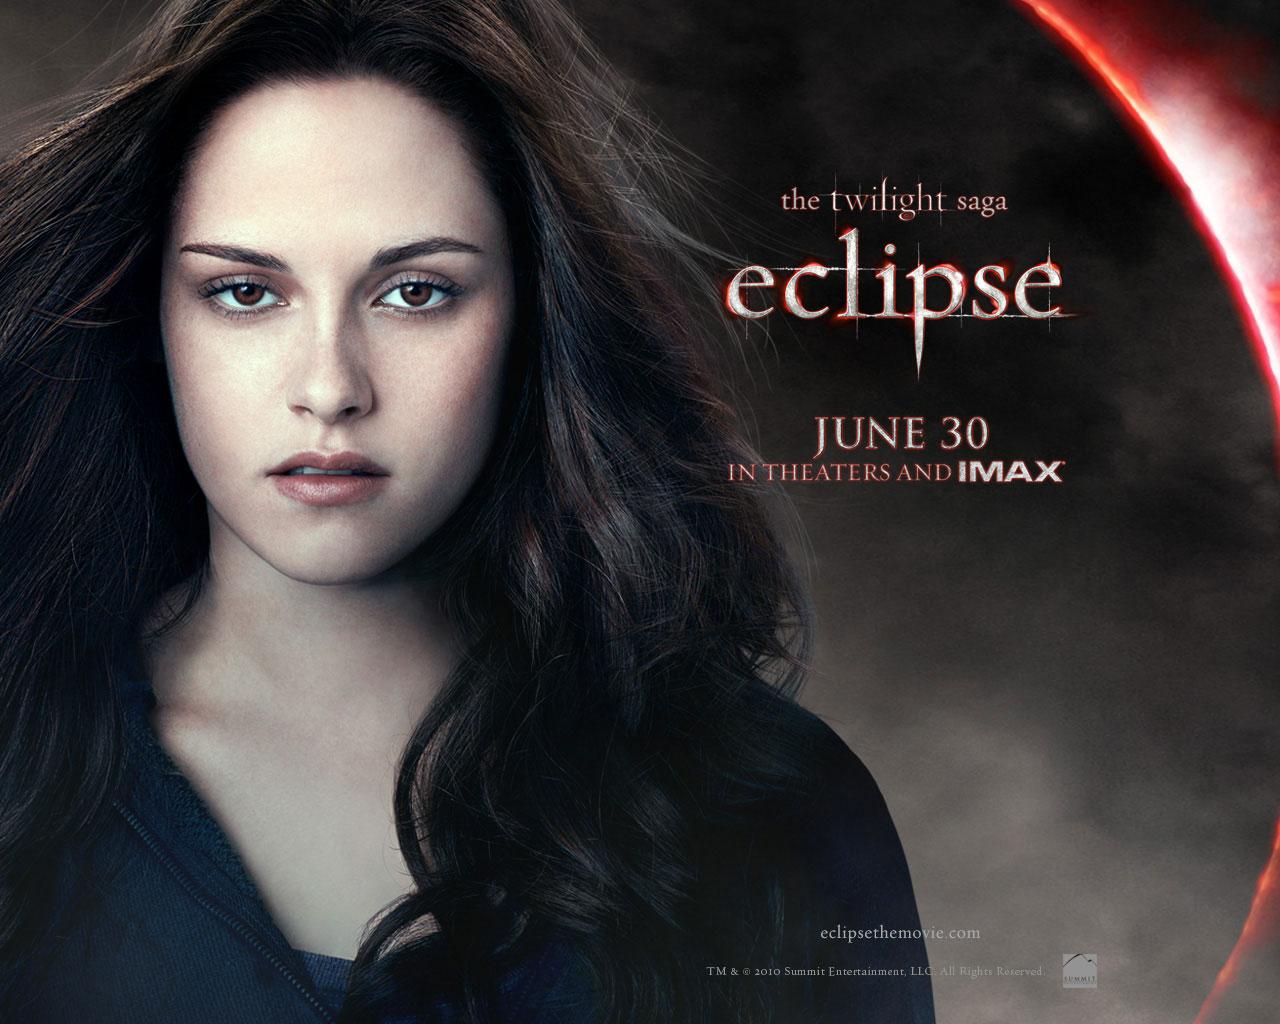 http://1.bp.blogspot.com/_-EN6_RPvgck/TDNasvEZDvI/AAAAAAAAD1s/bcVLj7_fG28/s1600/twilighteclipse_1_1280.jpg